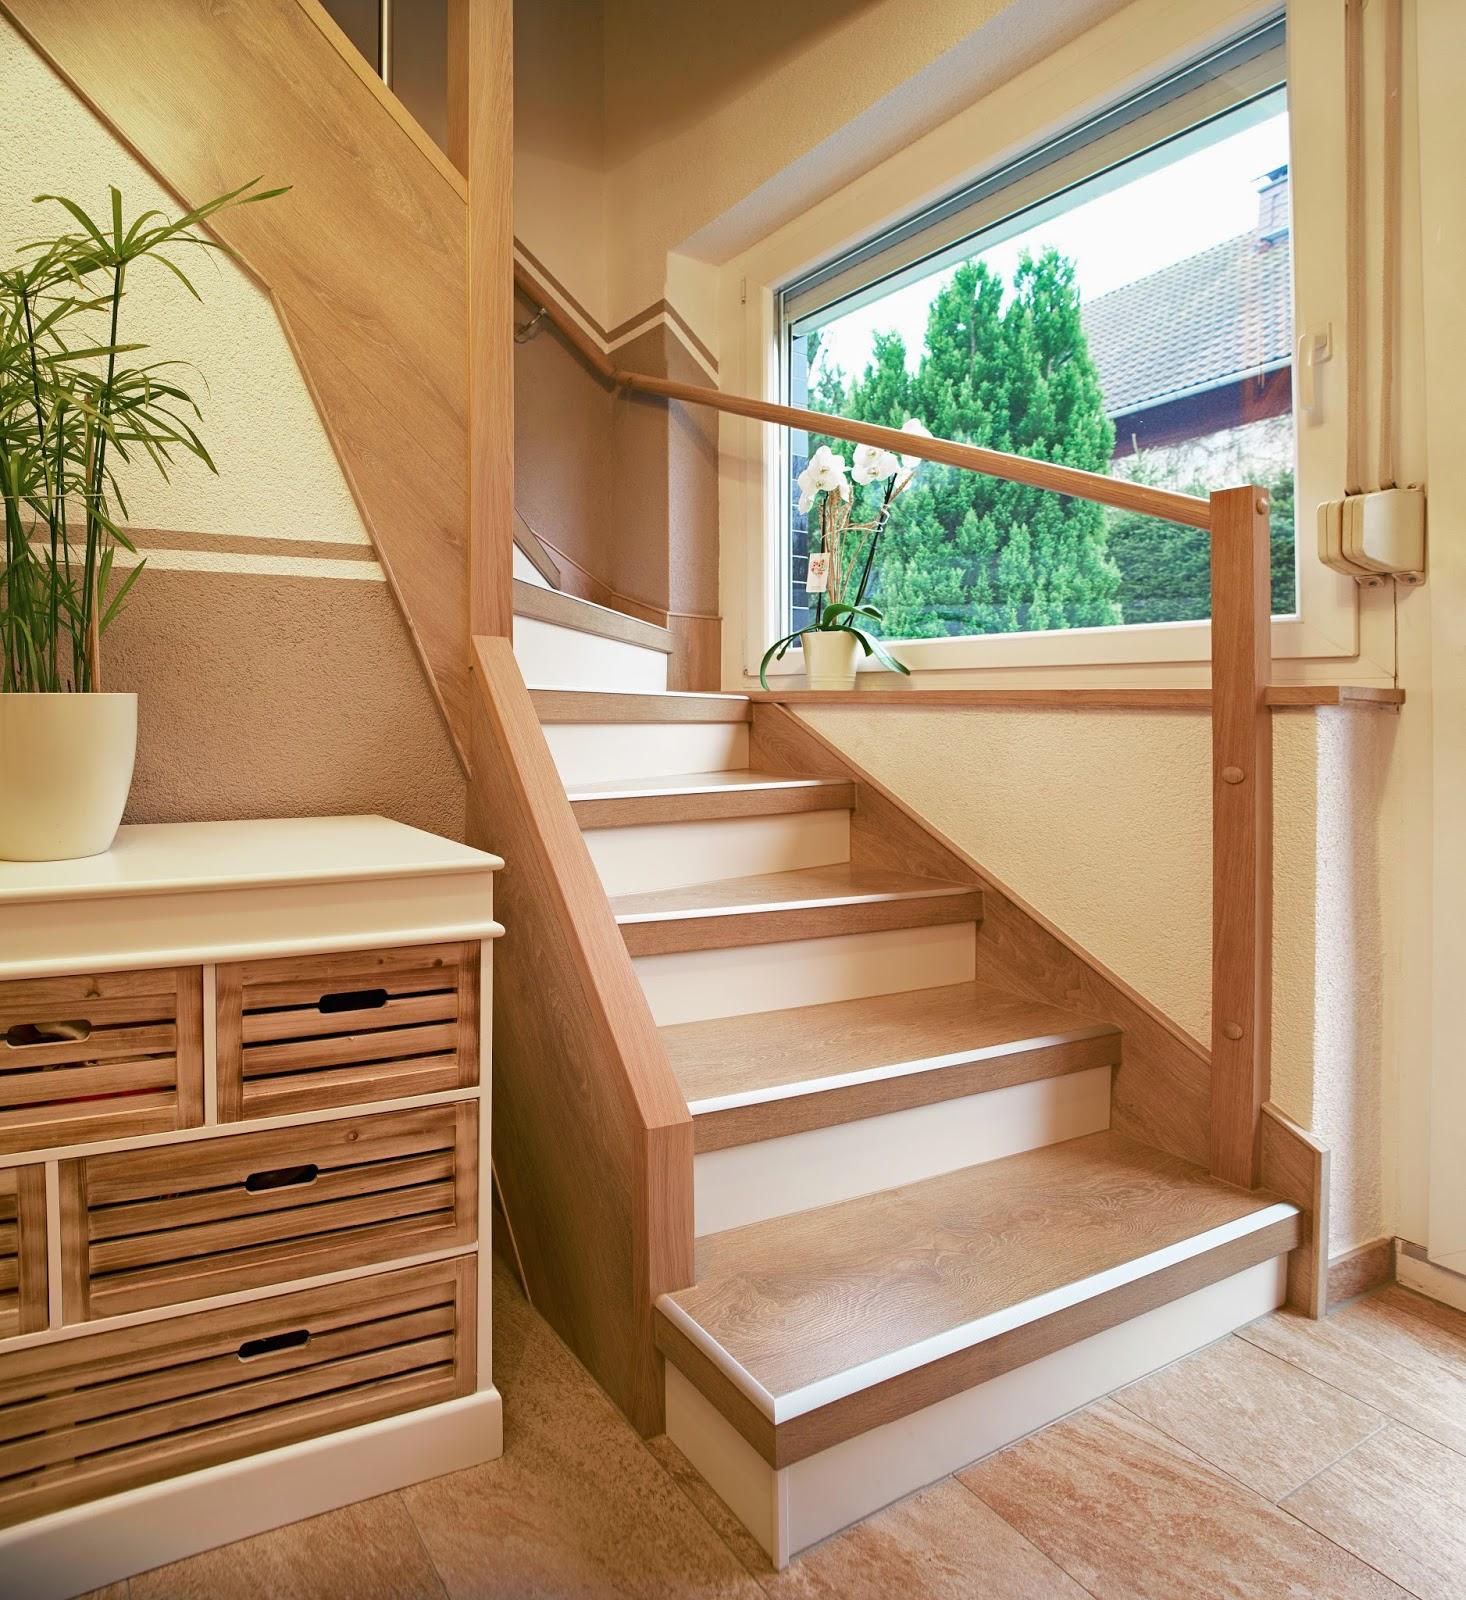 h&k treppenrenovierung: holztreppe verkleiden - so wirds gemacht